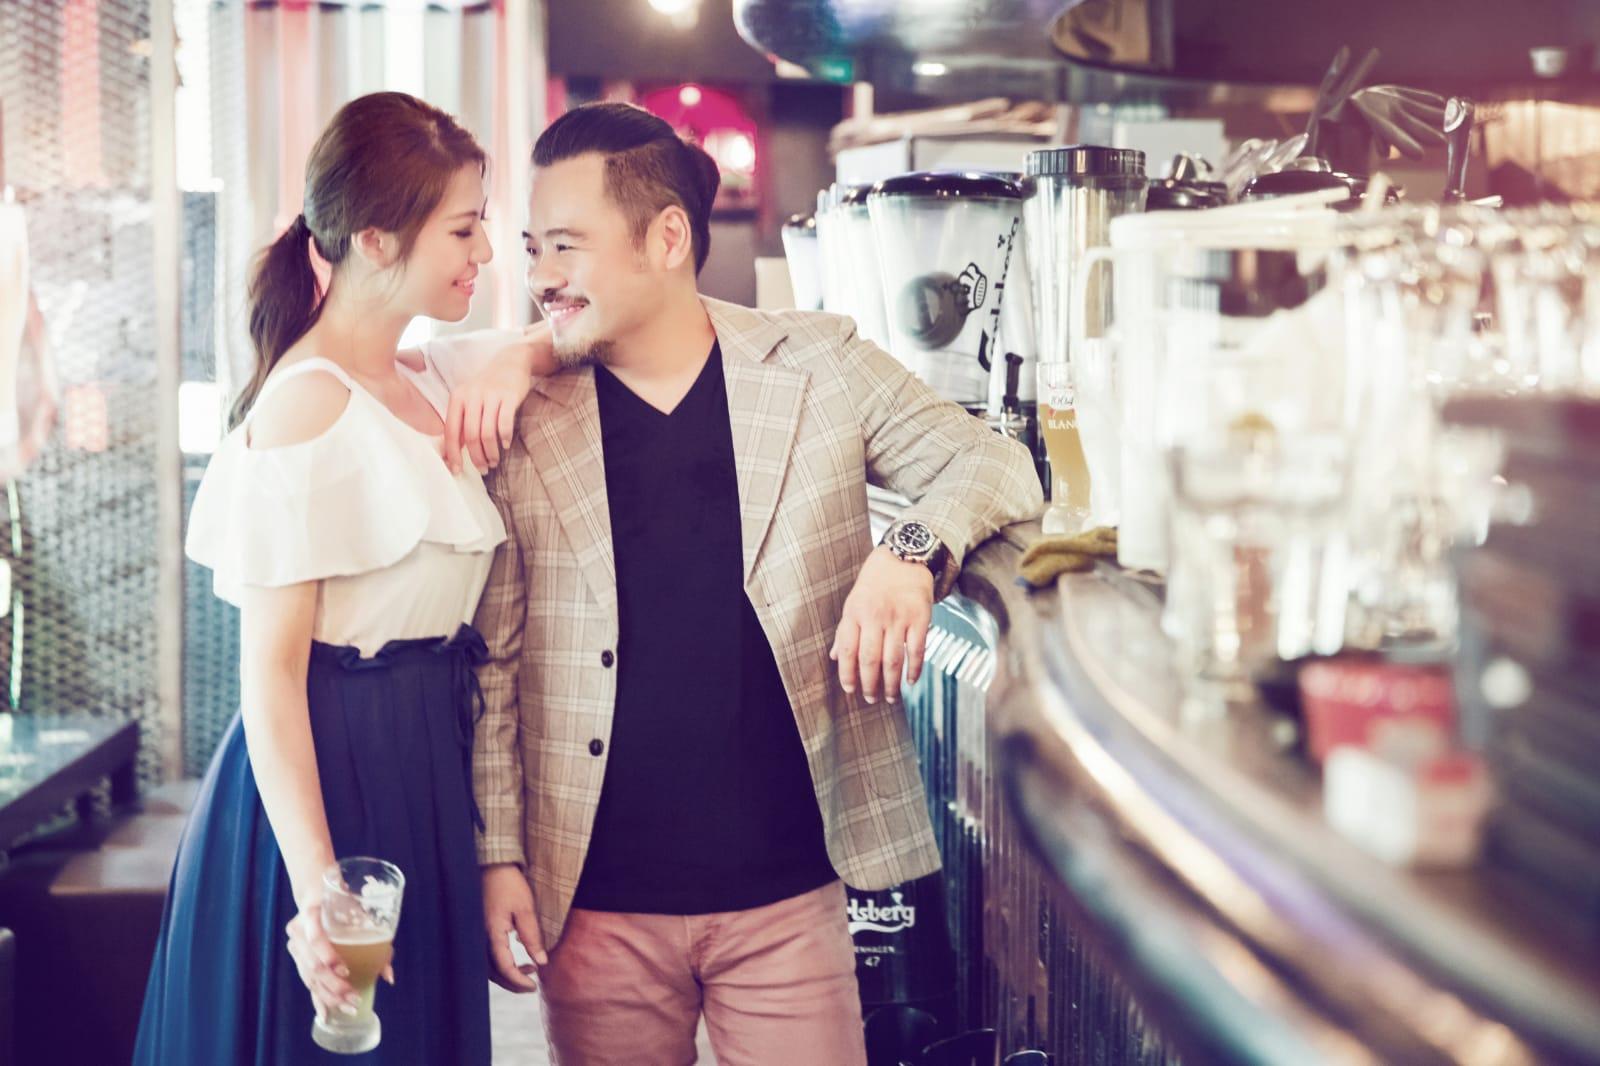 兩人重回當日相識的酒吧拍攝照片作留念。